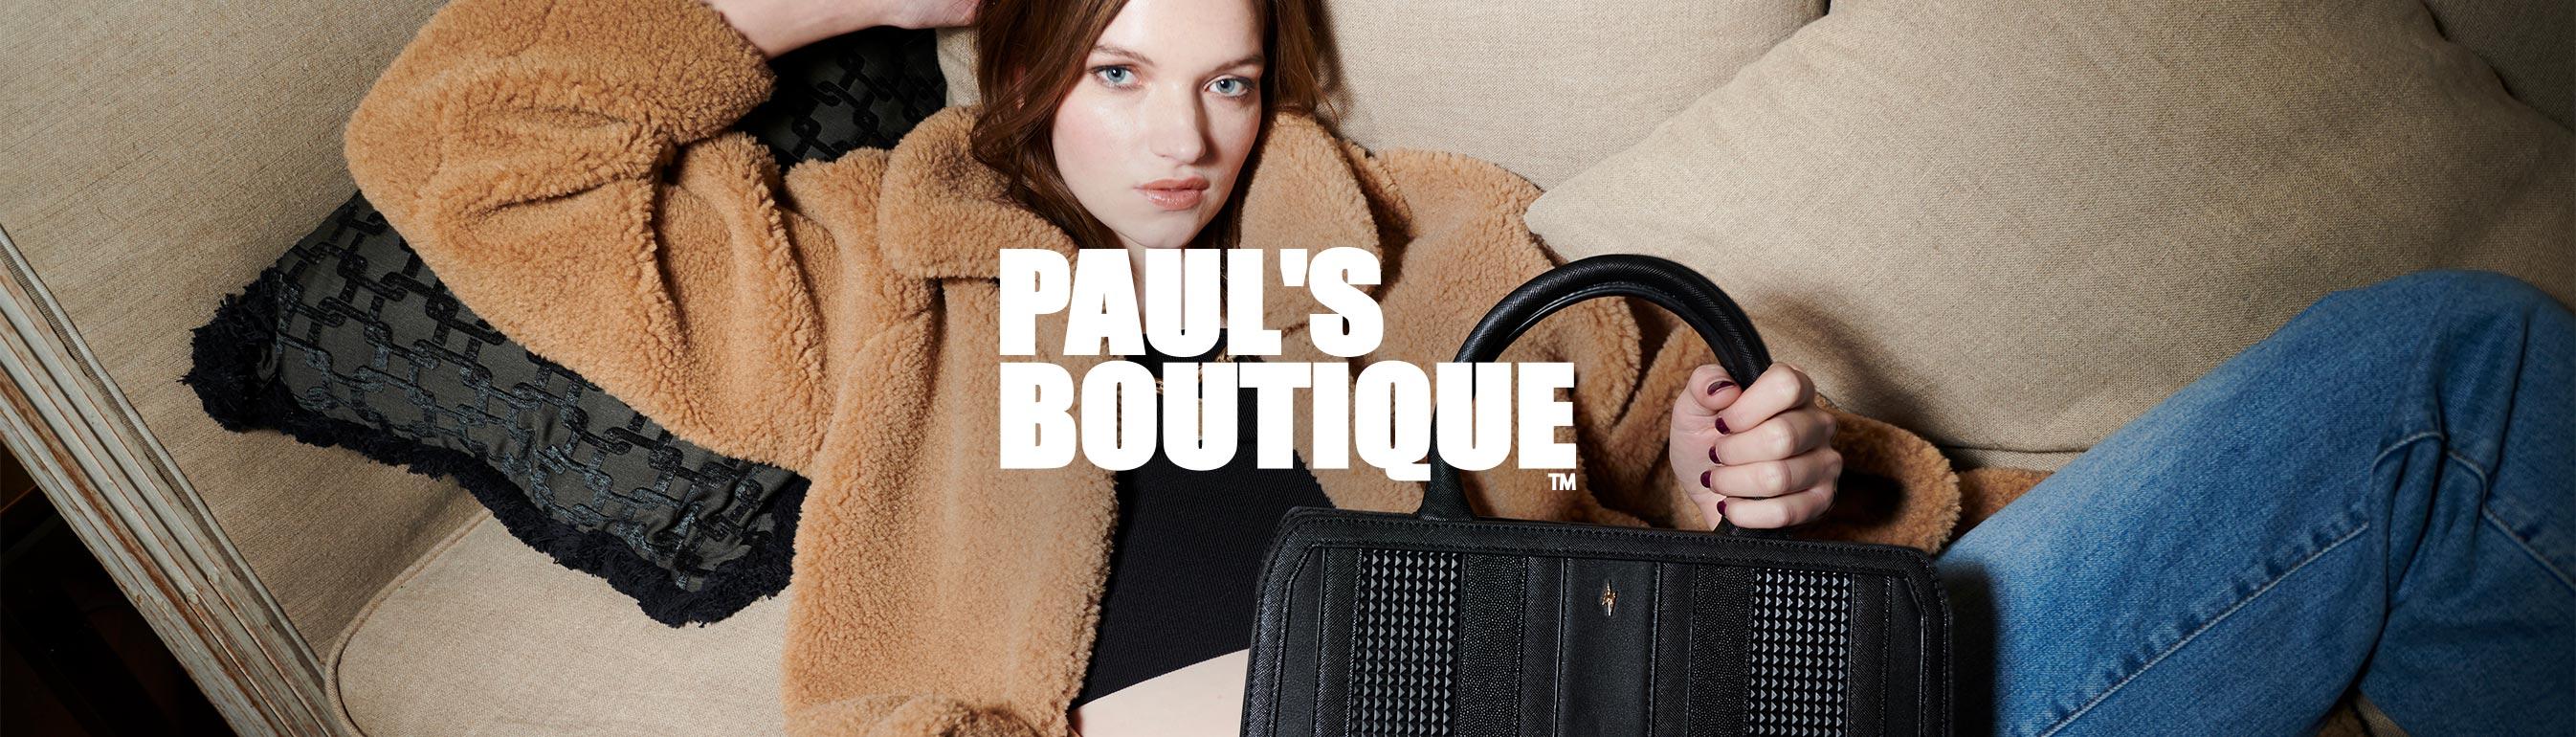 865baa4925d79 Pauls Boutique Taschen